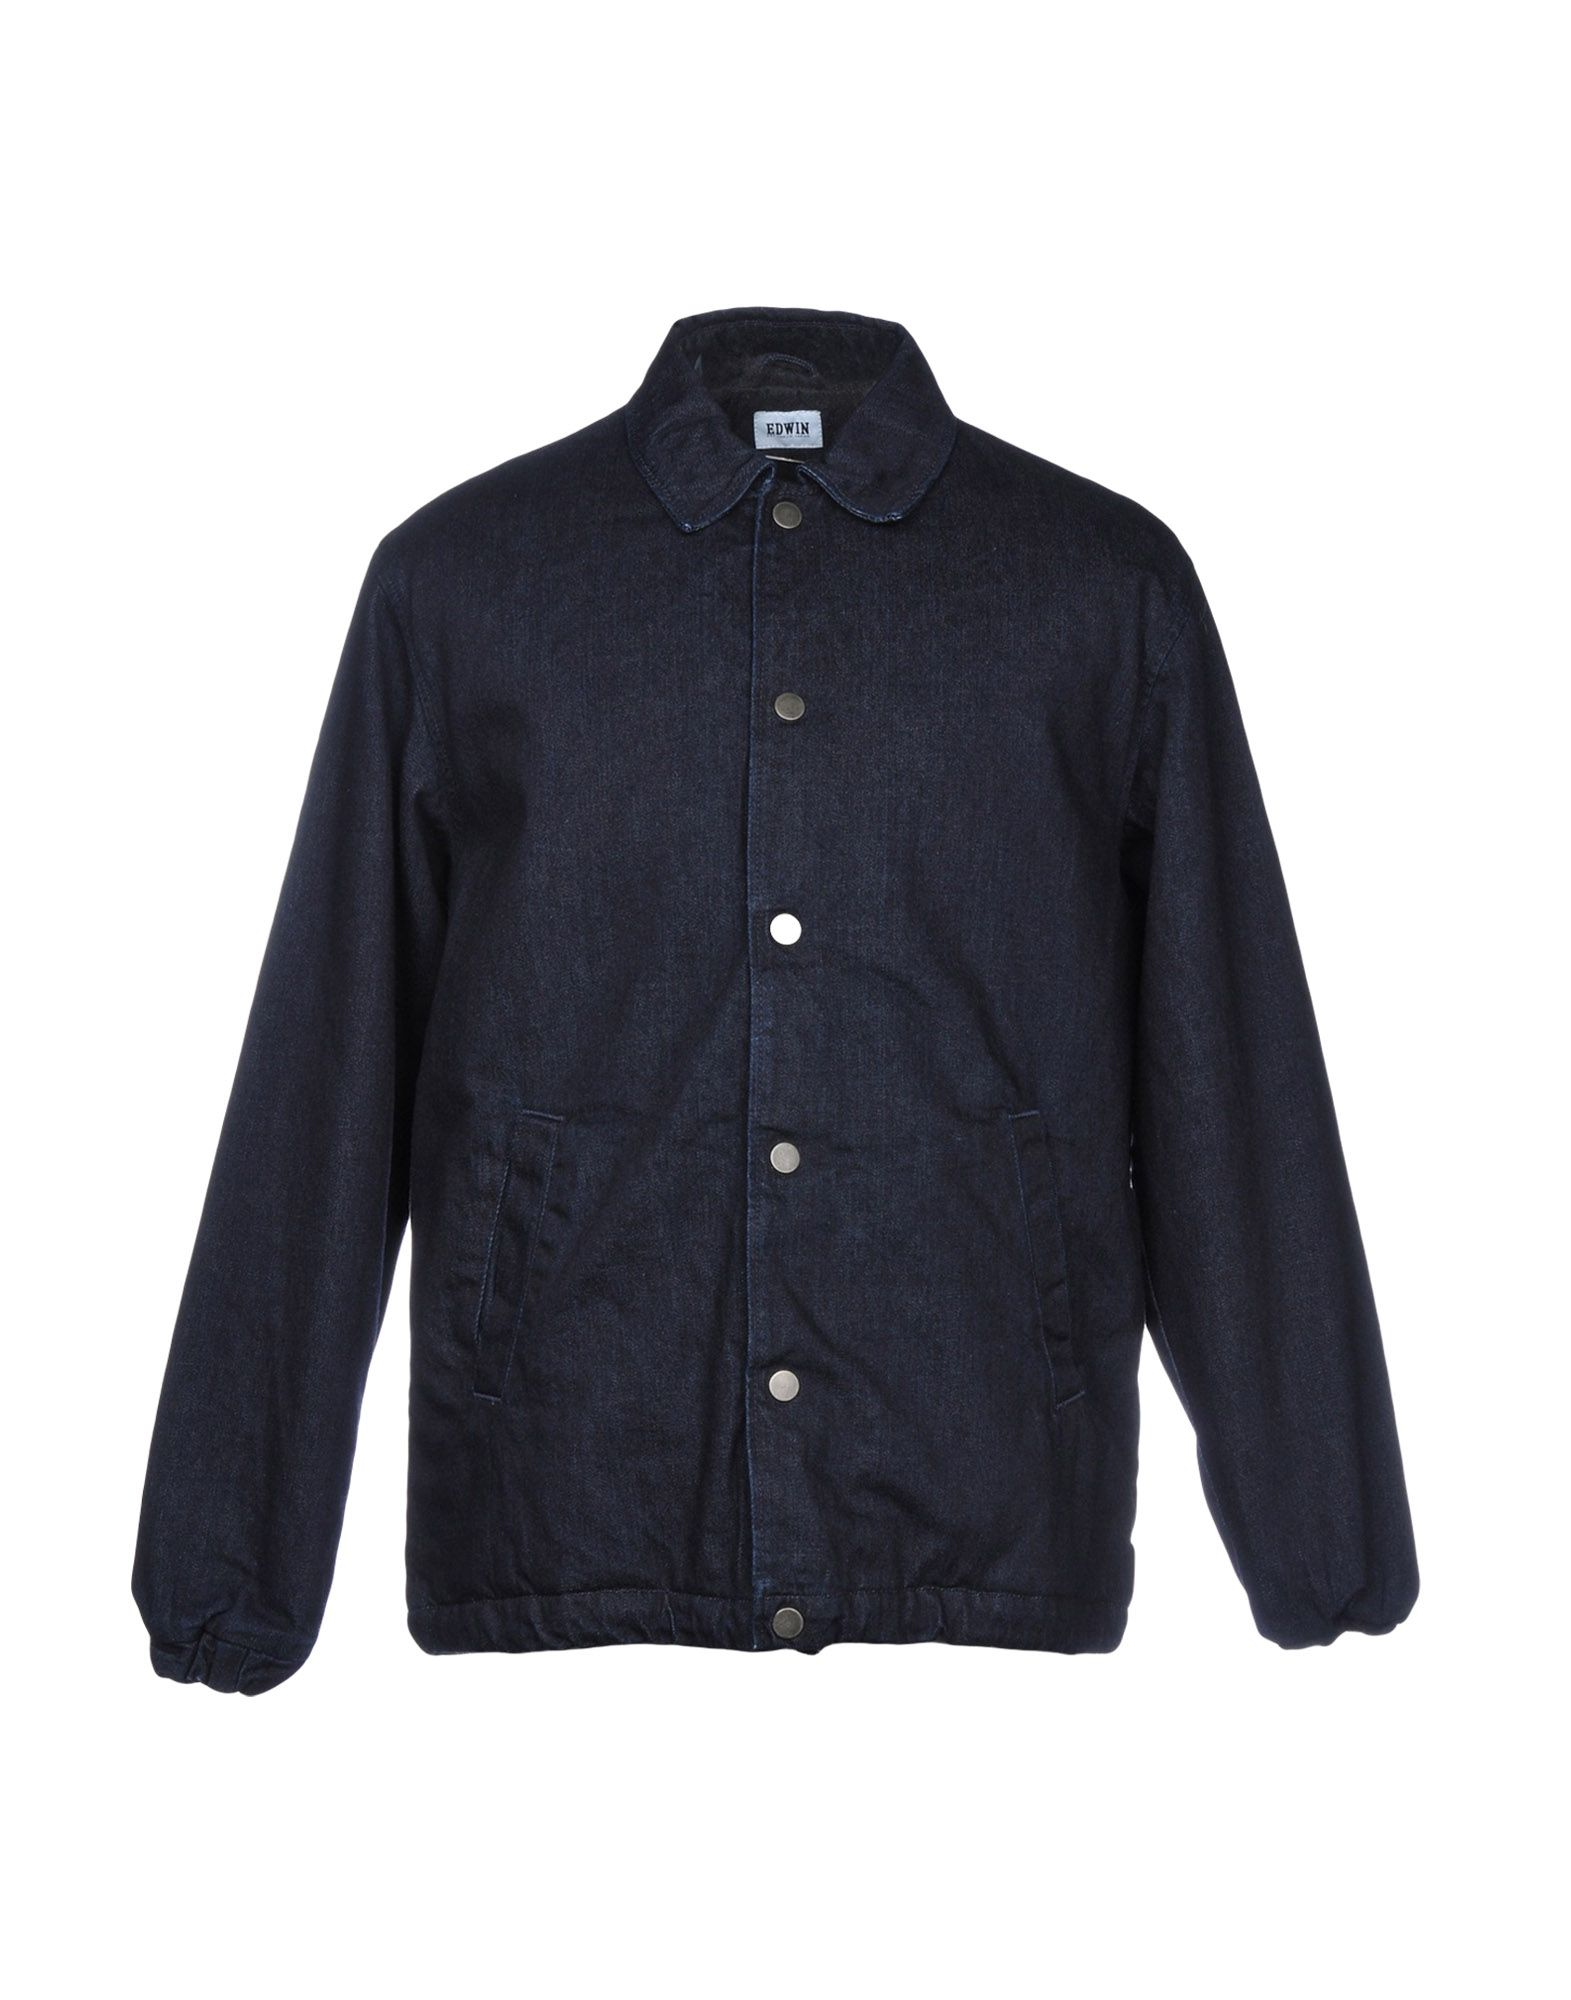 EDWIN Джинсовая верхняя одежда брендовая одежда